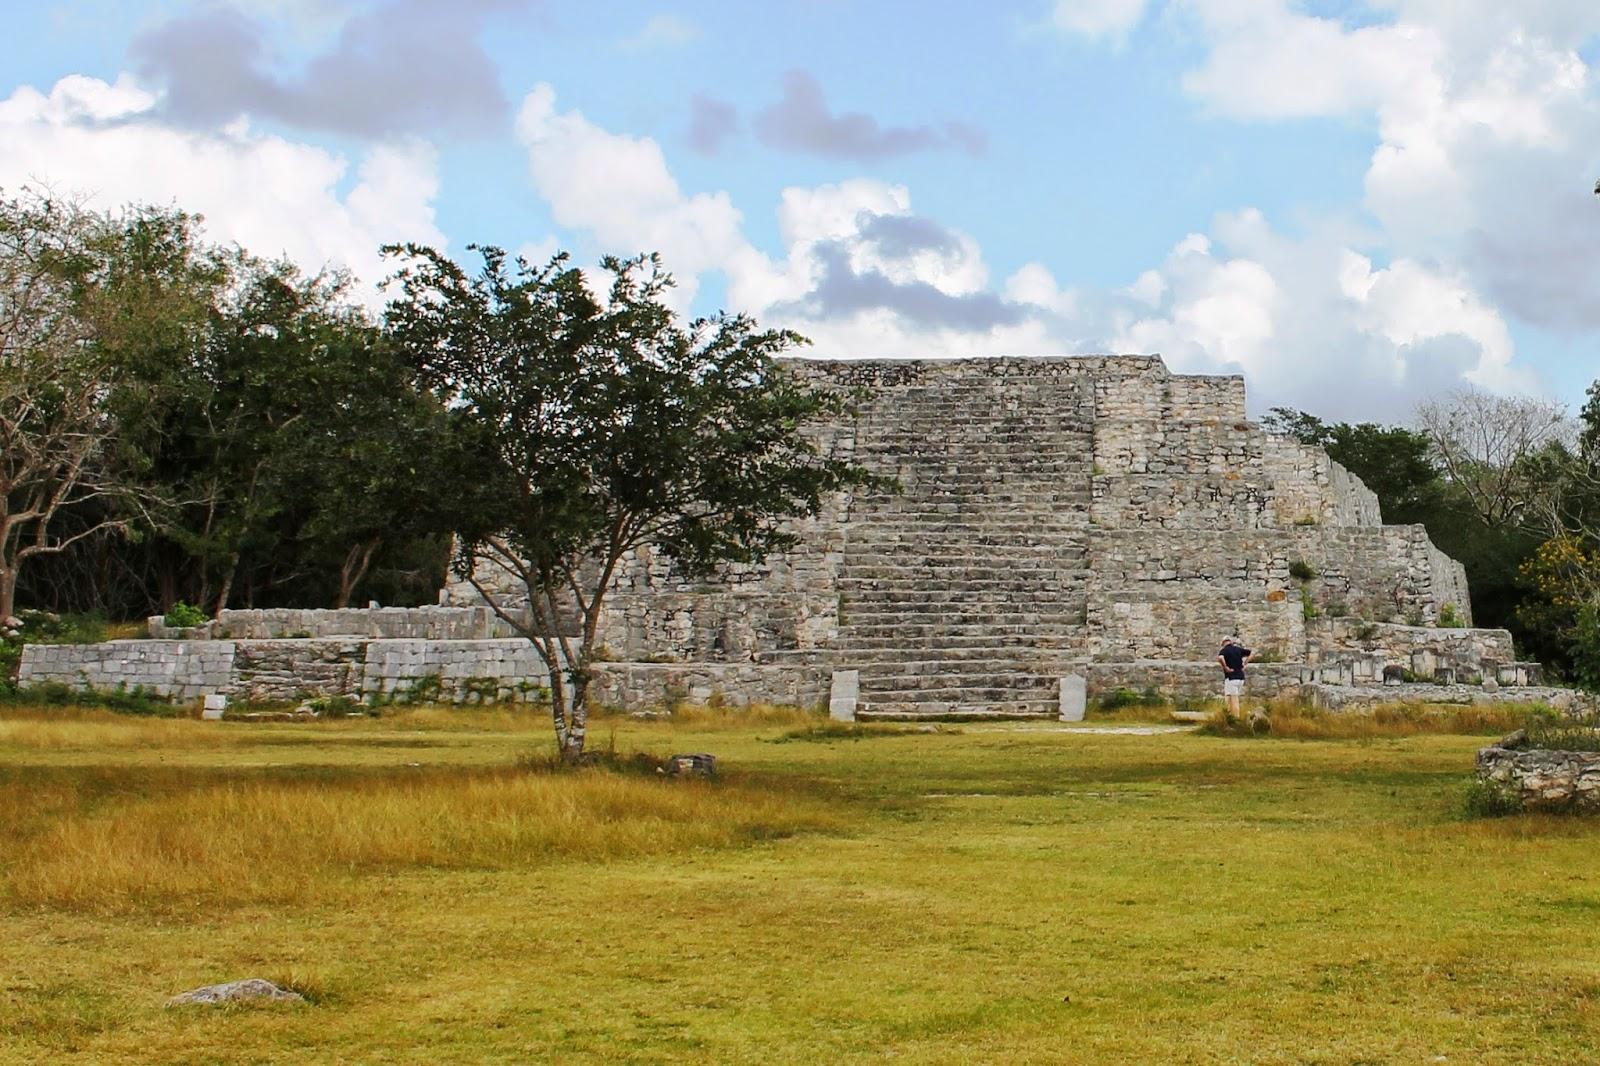 sito archeologico dzibilchaltun messico